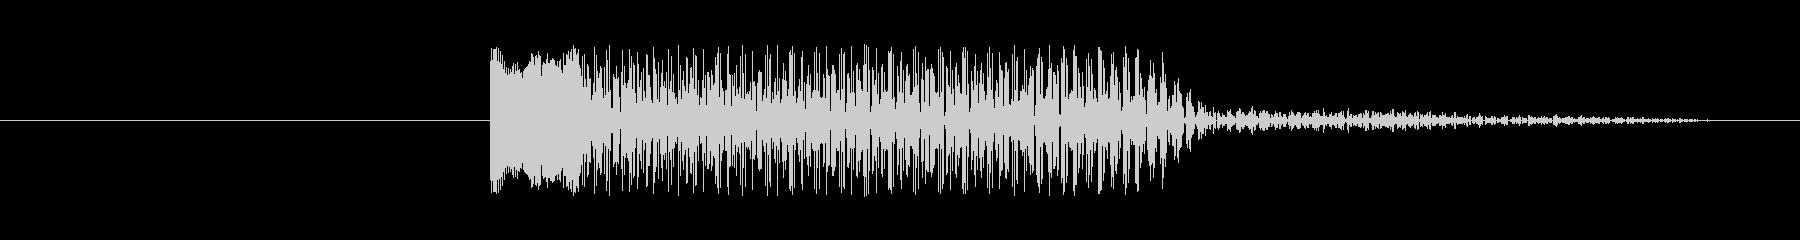 FX おならホーン02の未再生の波形